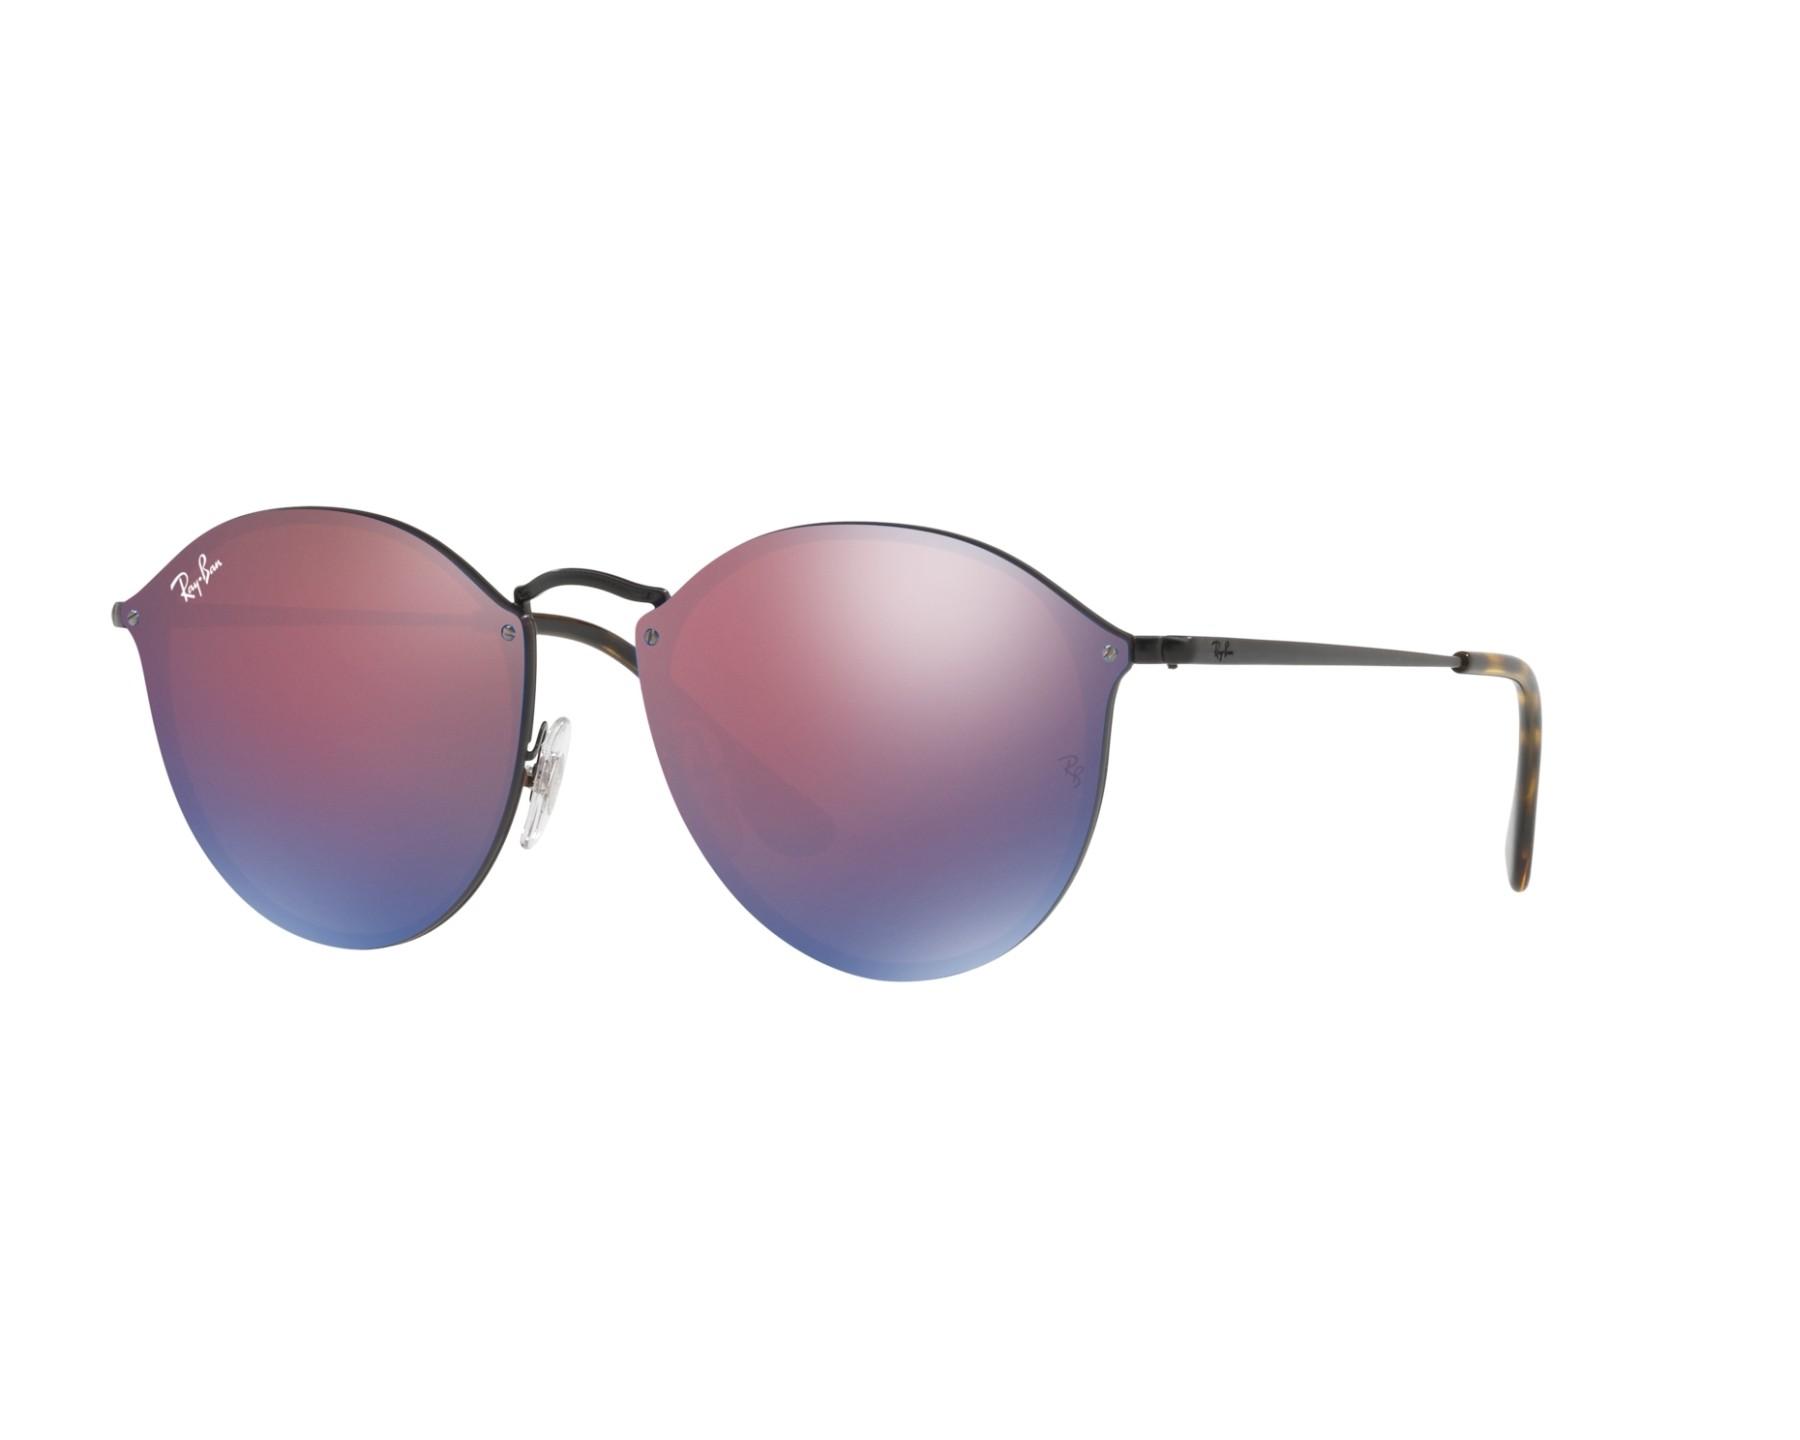 388a7a2dbc1d2 Sunglasses Ray-Ban RB-3574-N 153 7V 59-14 Black